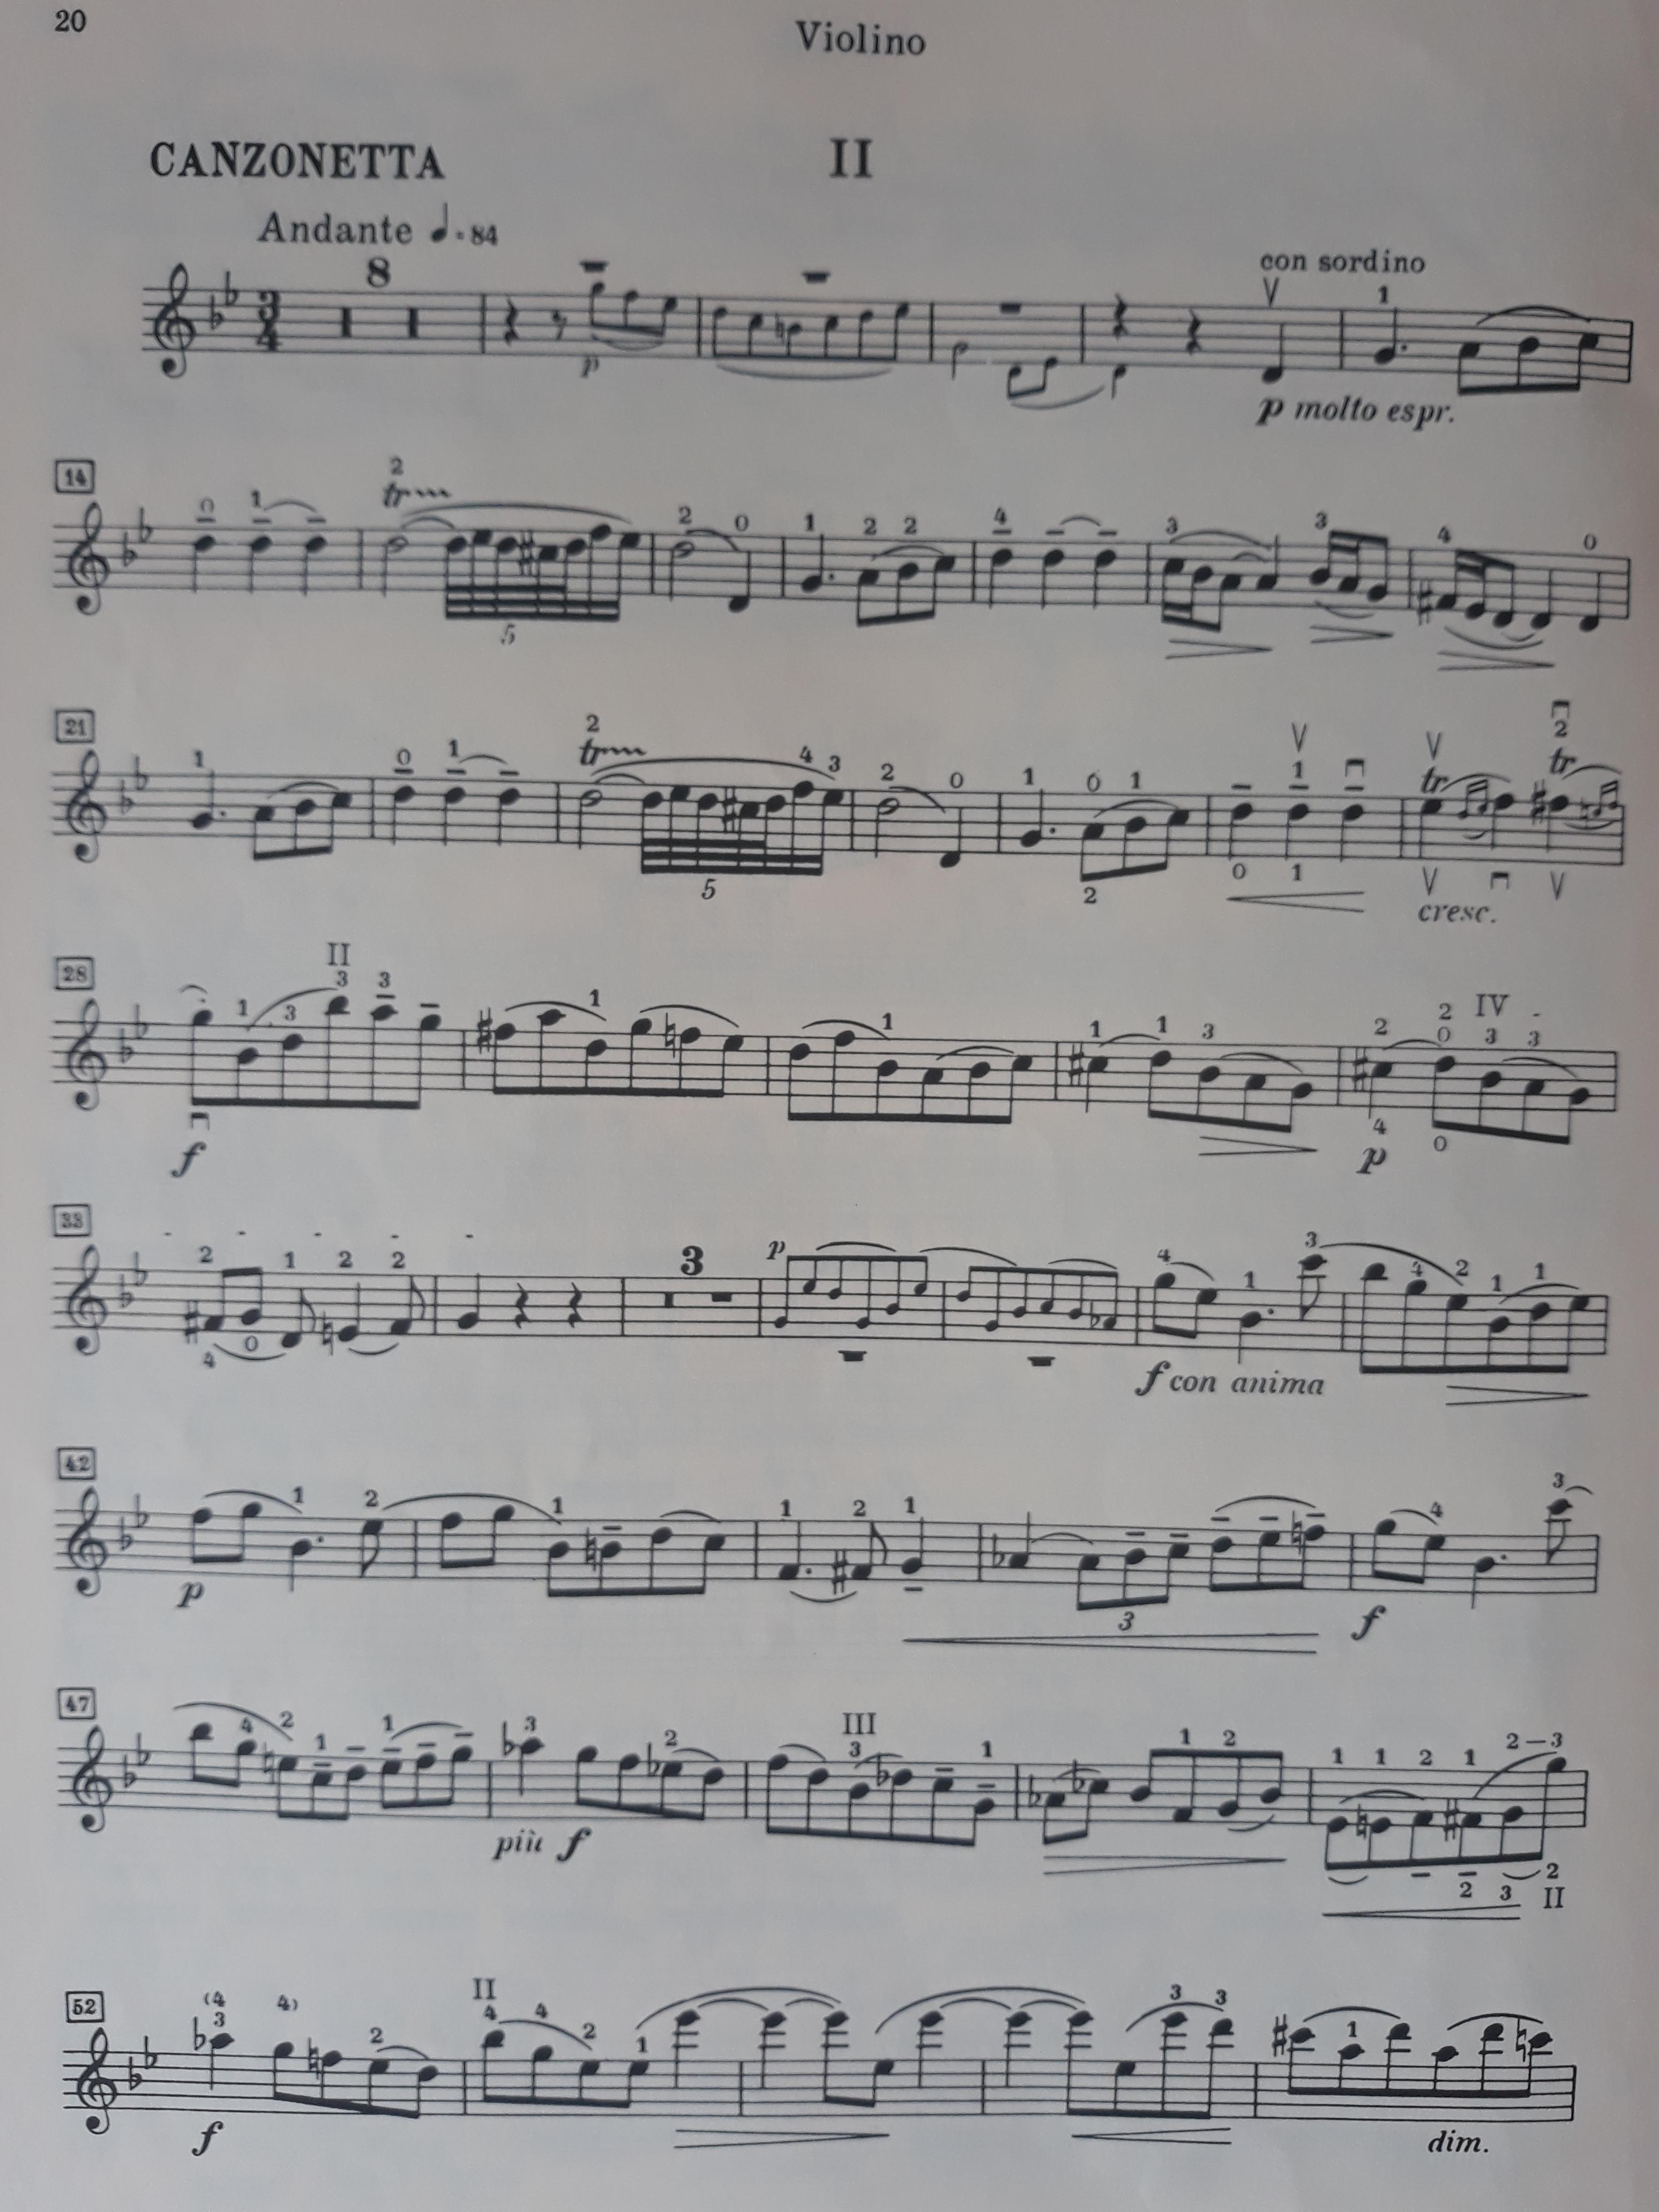 Violin | rhap so dy in words